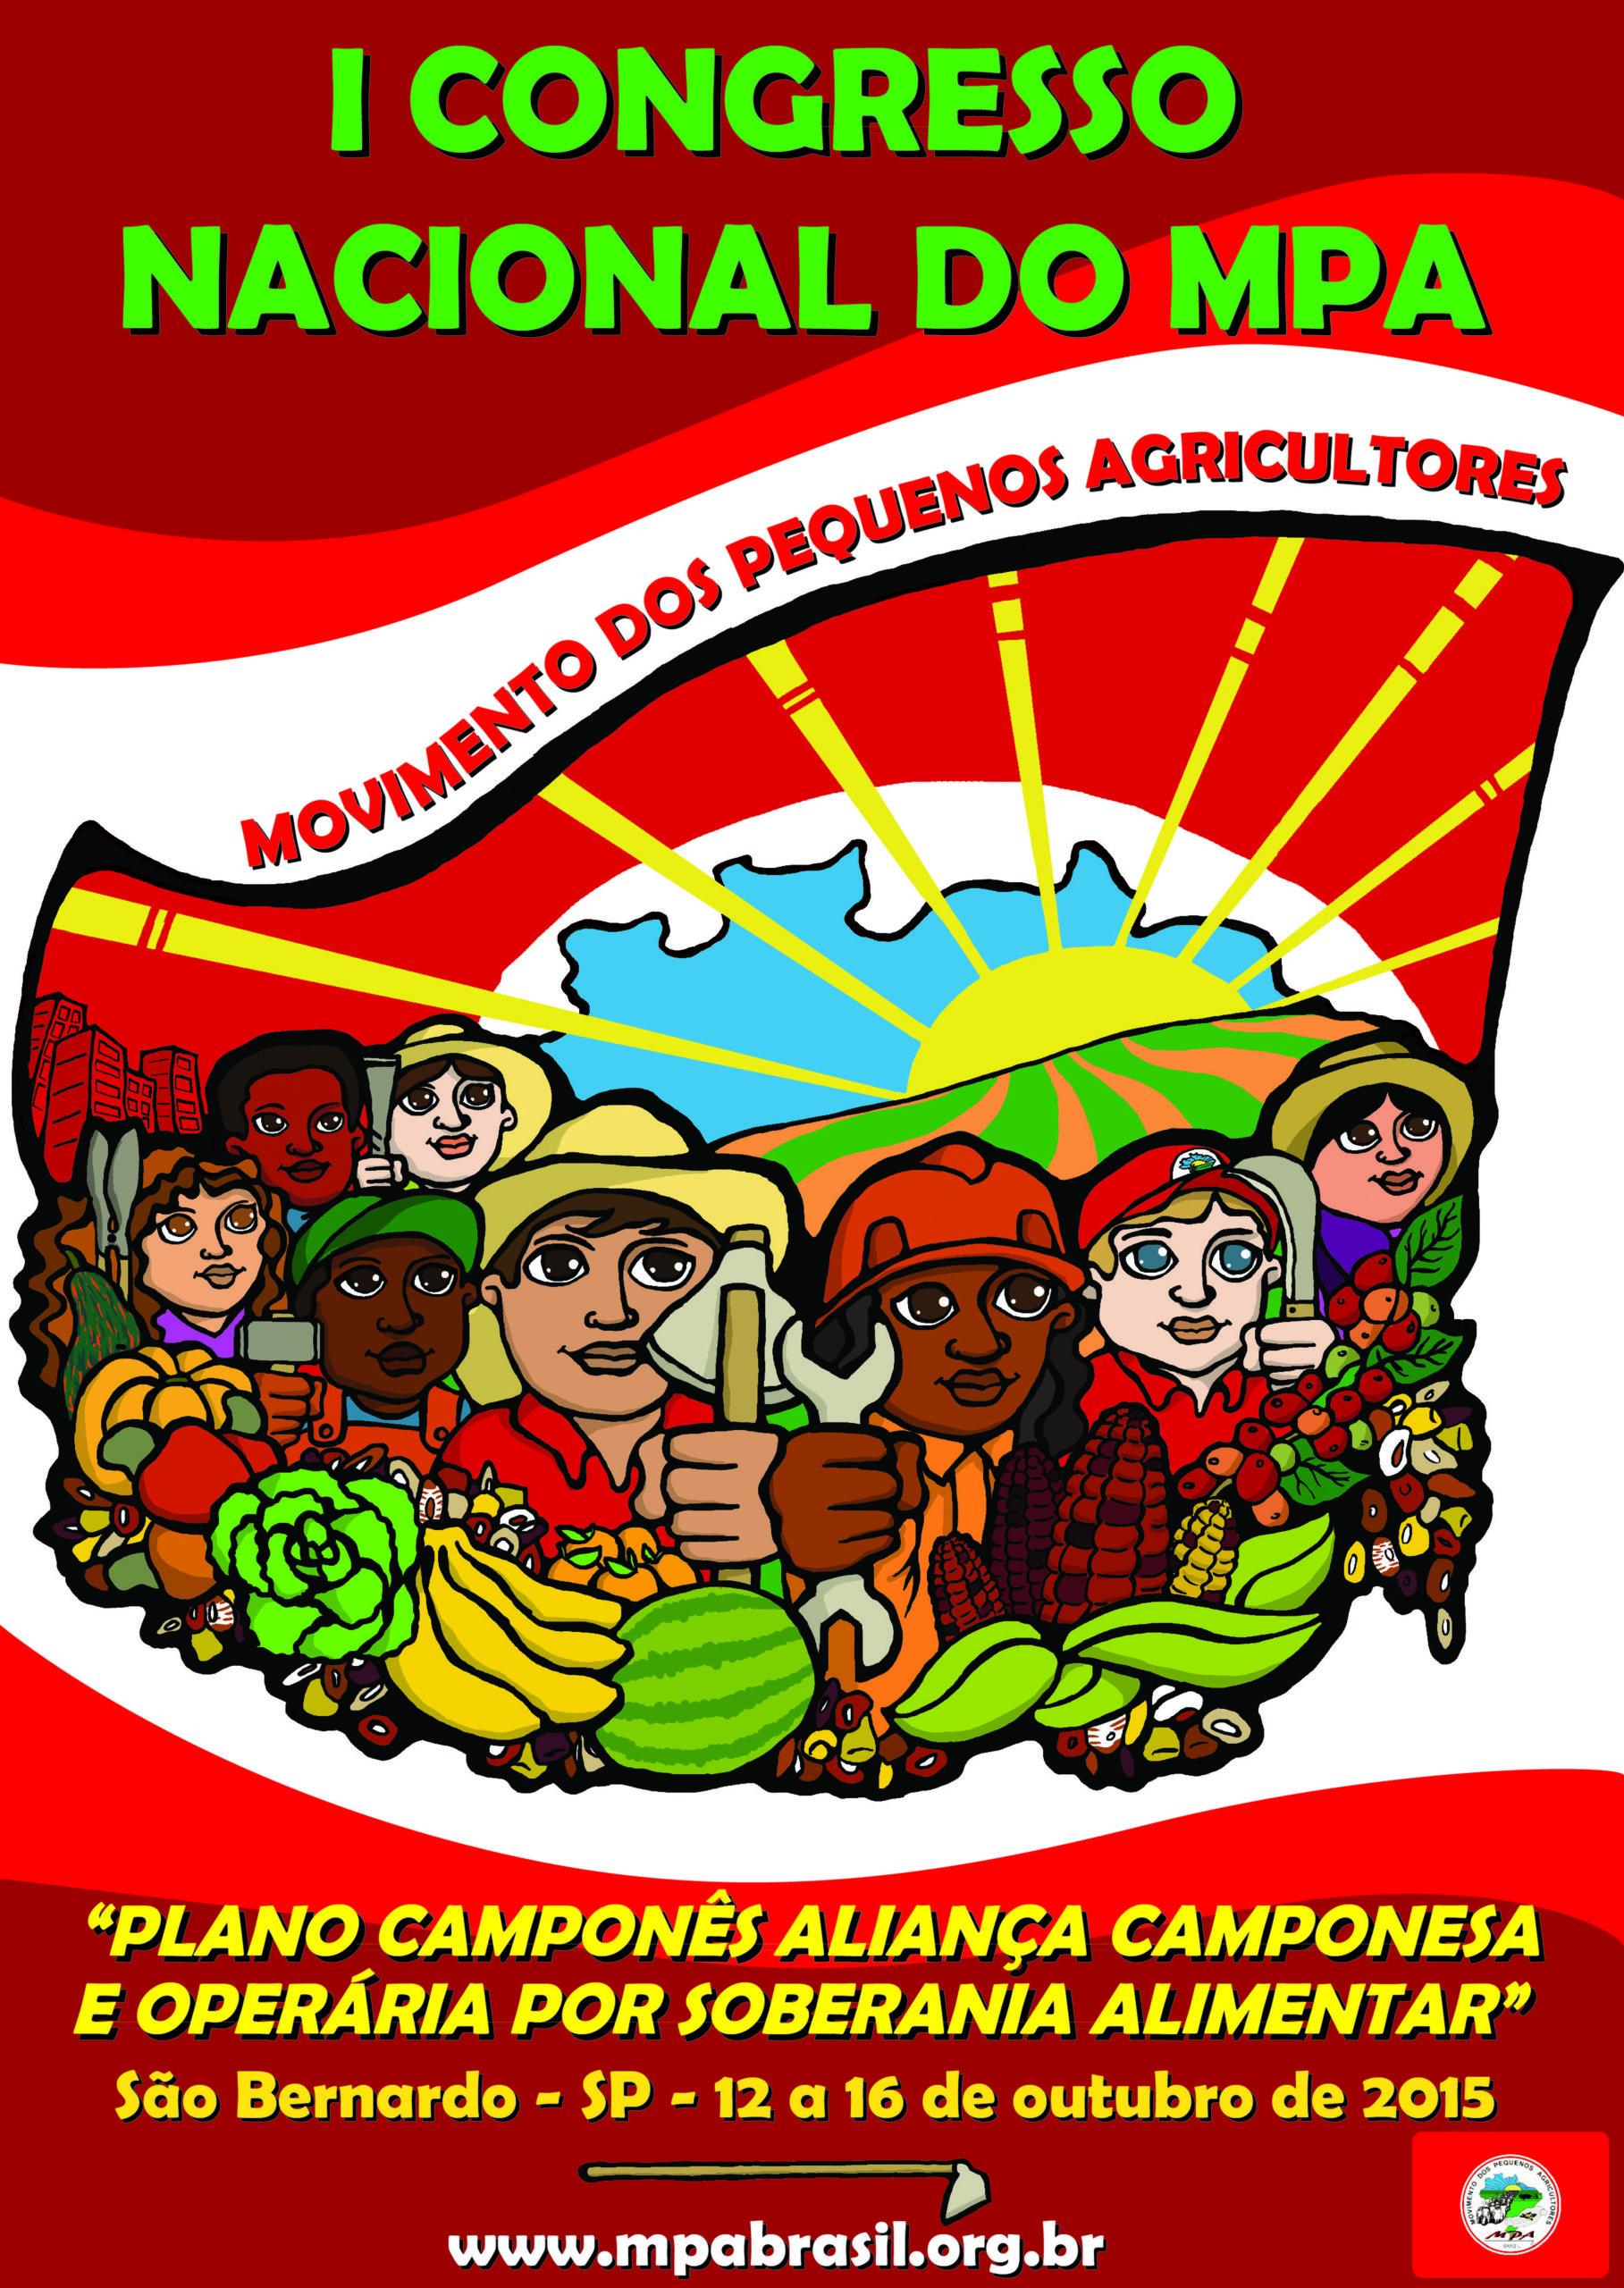 Cartaz_Oficial_do_I_Congresso_do_MPA.jpg